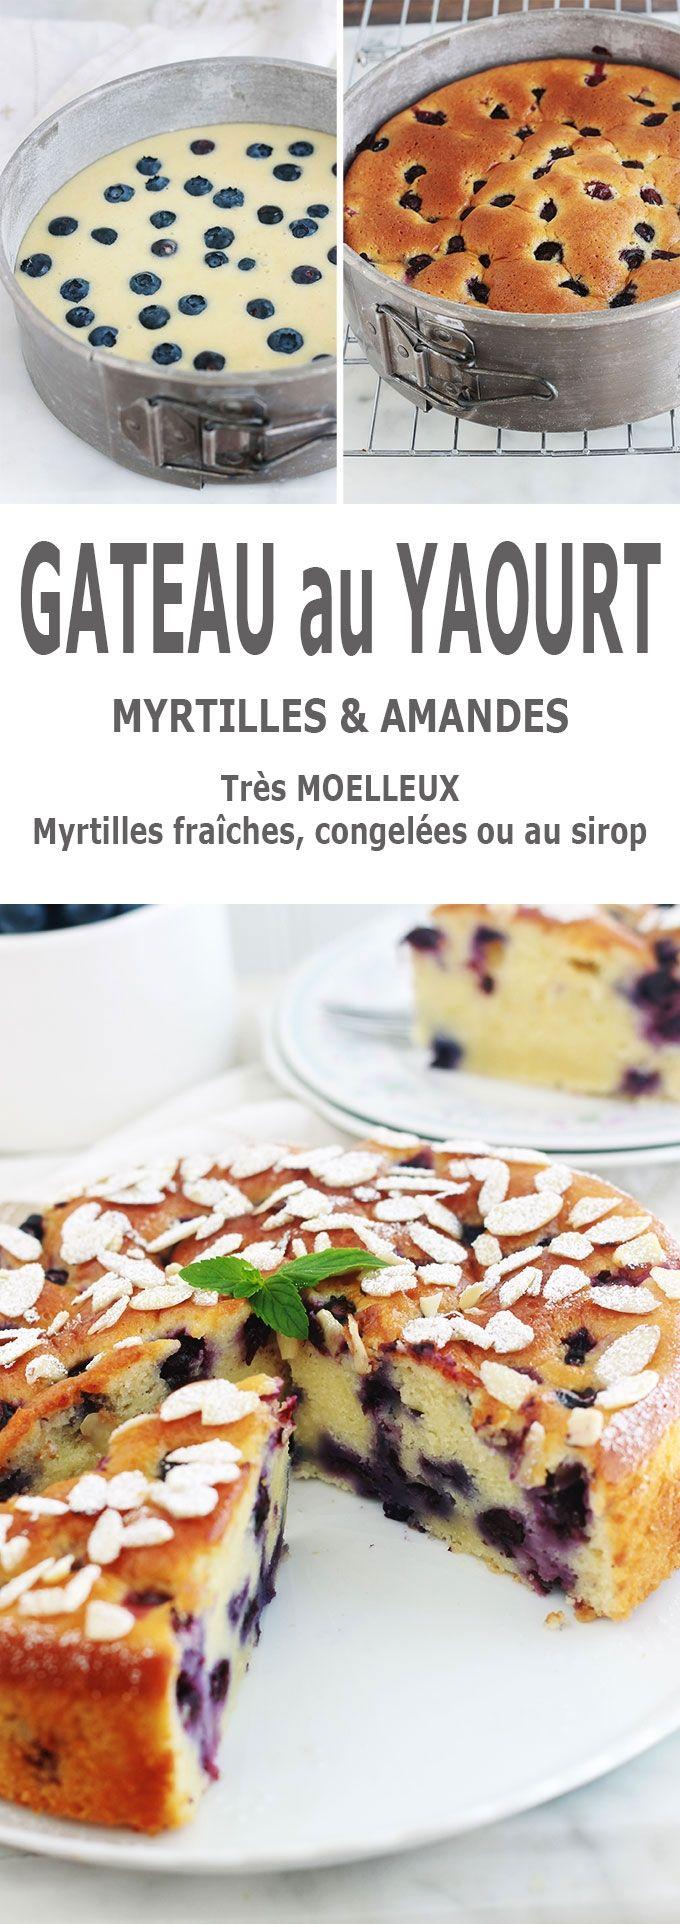 Recette gâteau moelleux au yaourt, myrtilles et amandes